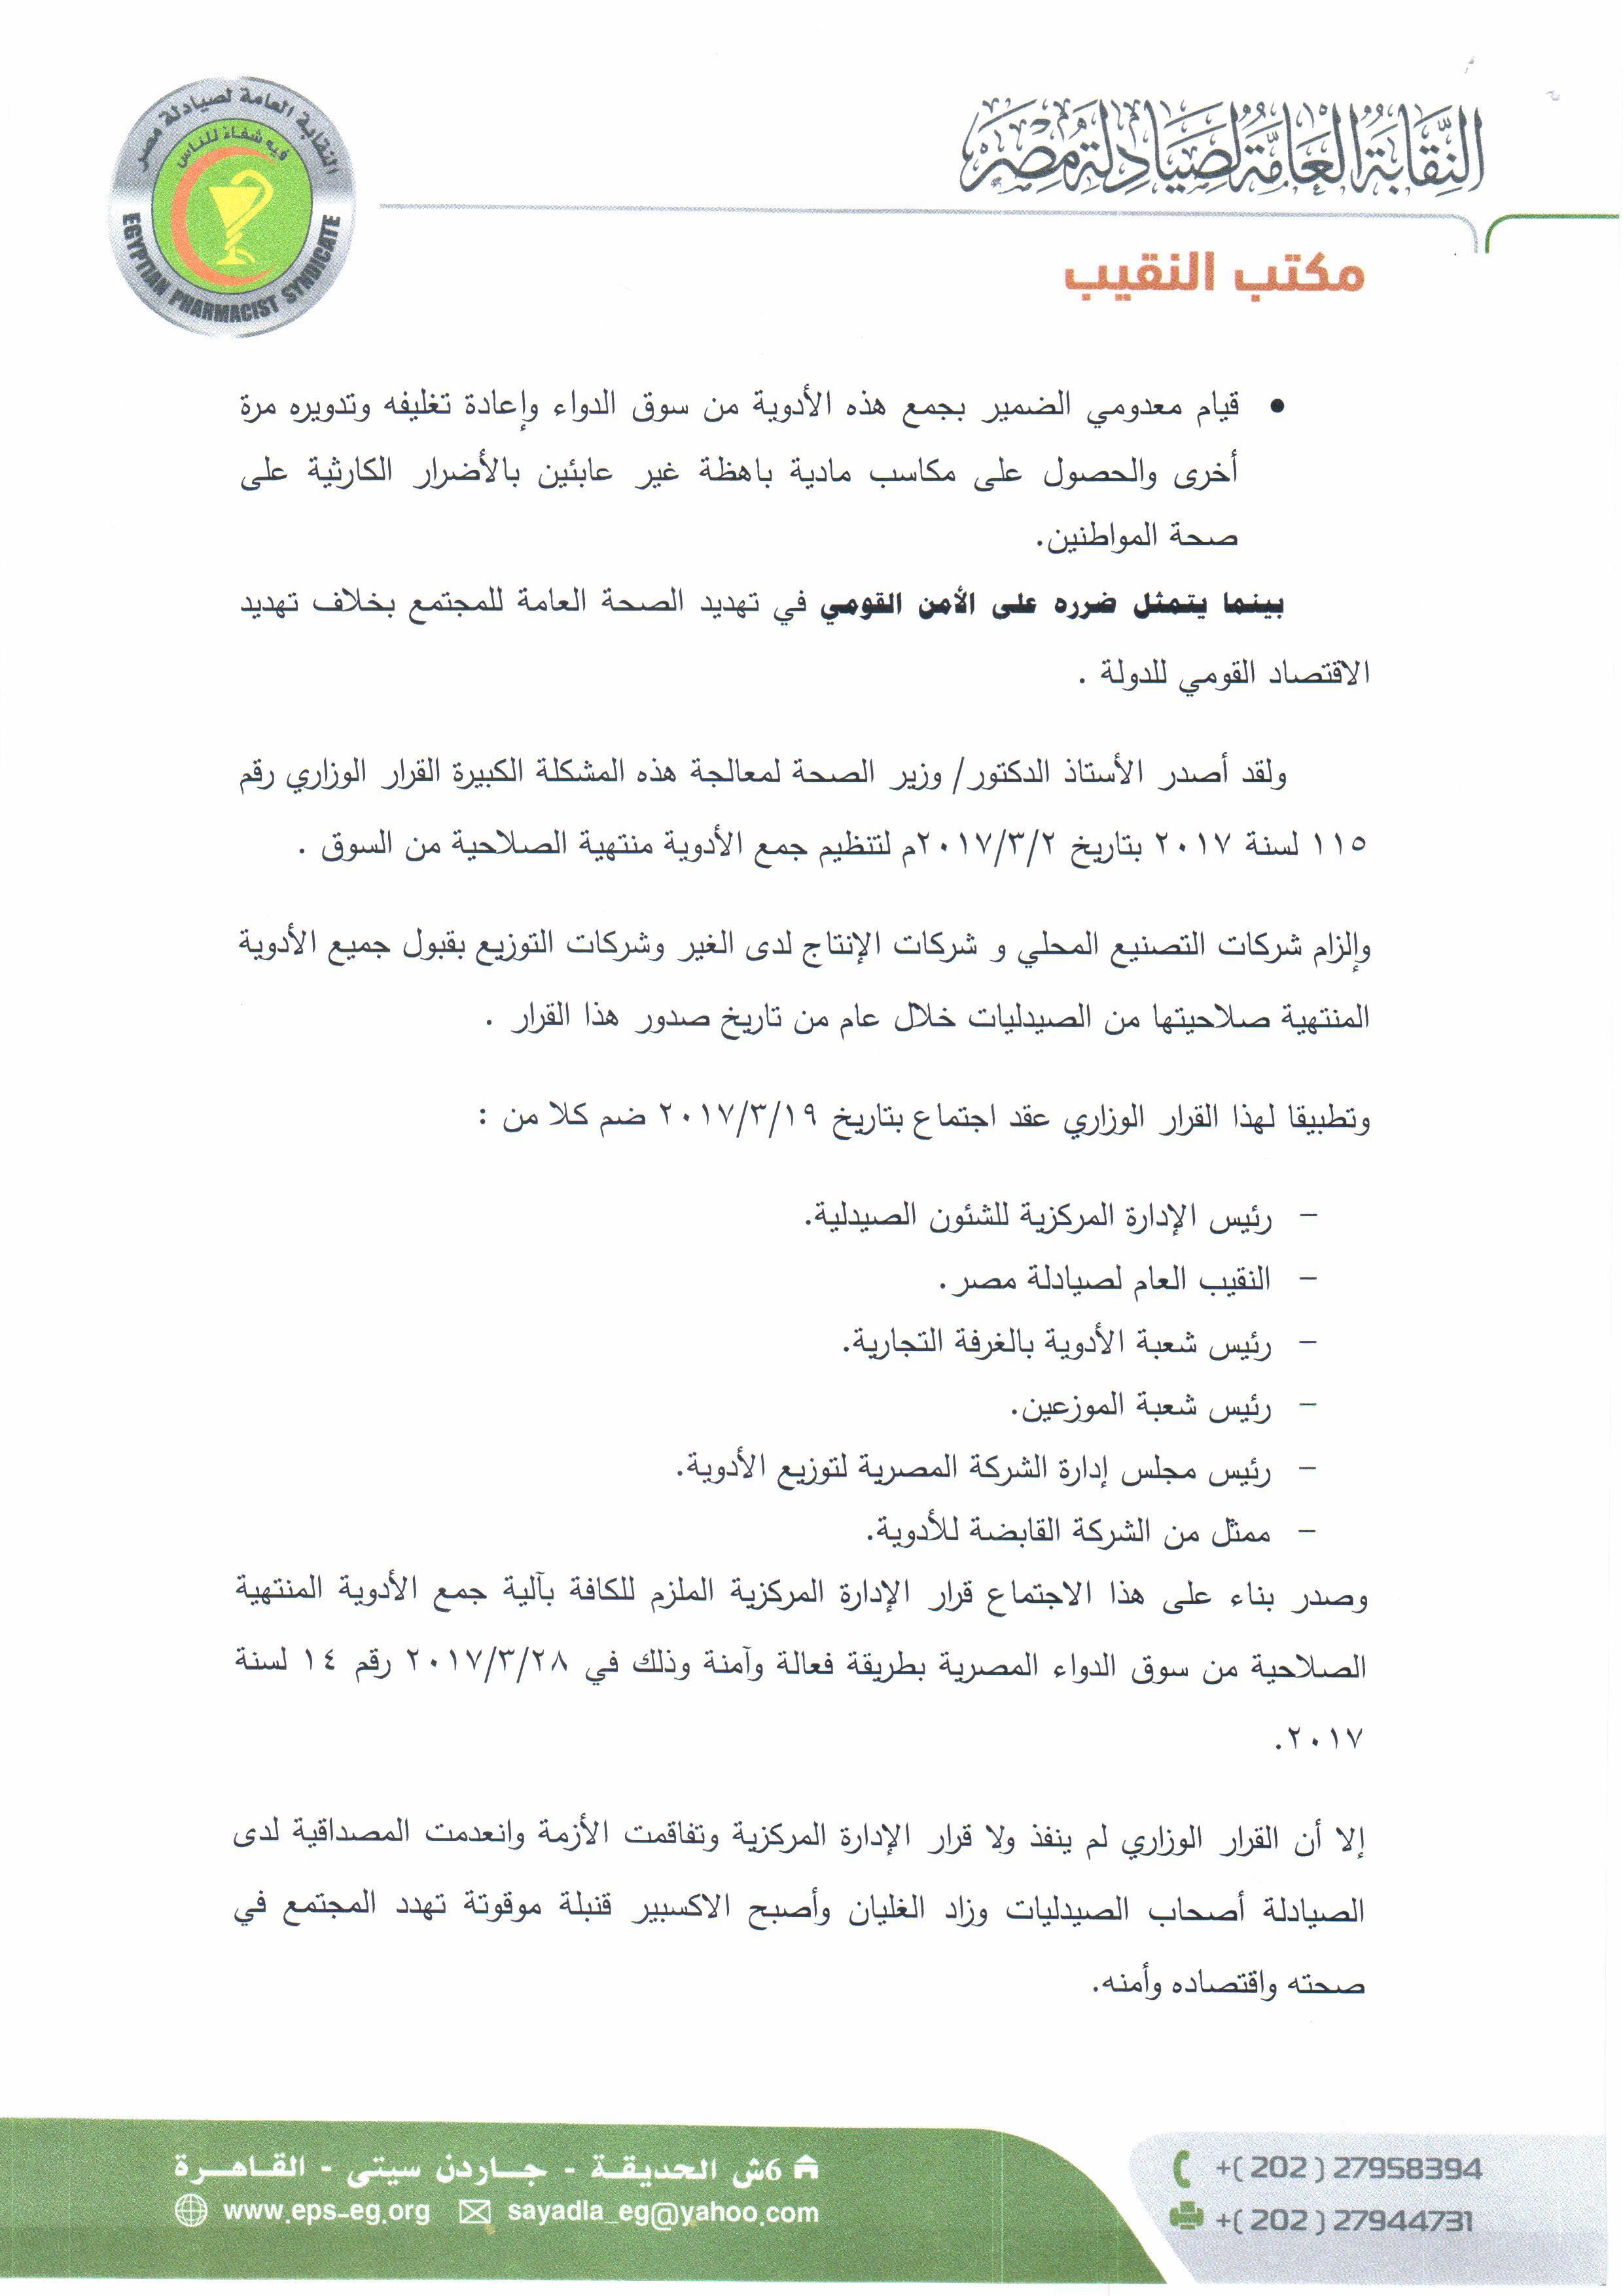 مذكرة نقيب الصيادلة للرئاسة (4)